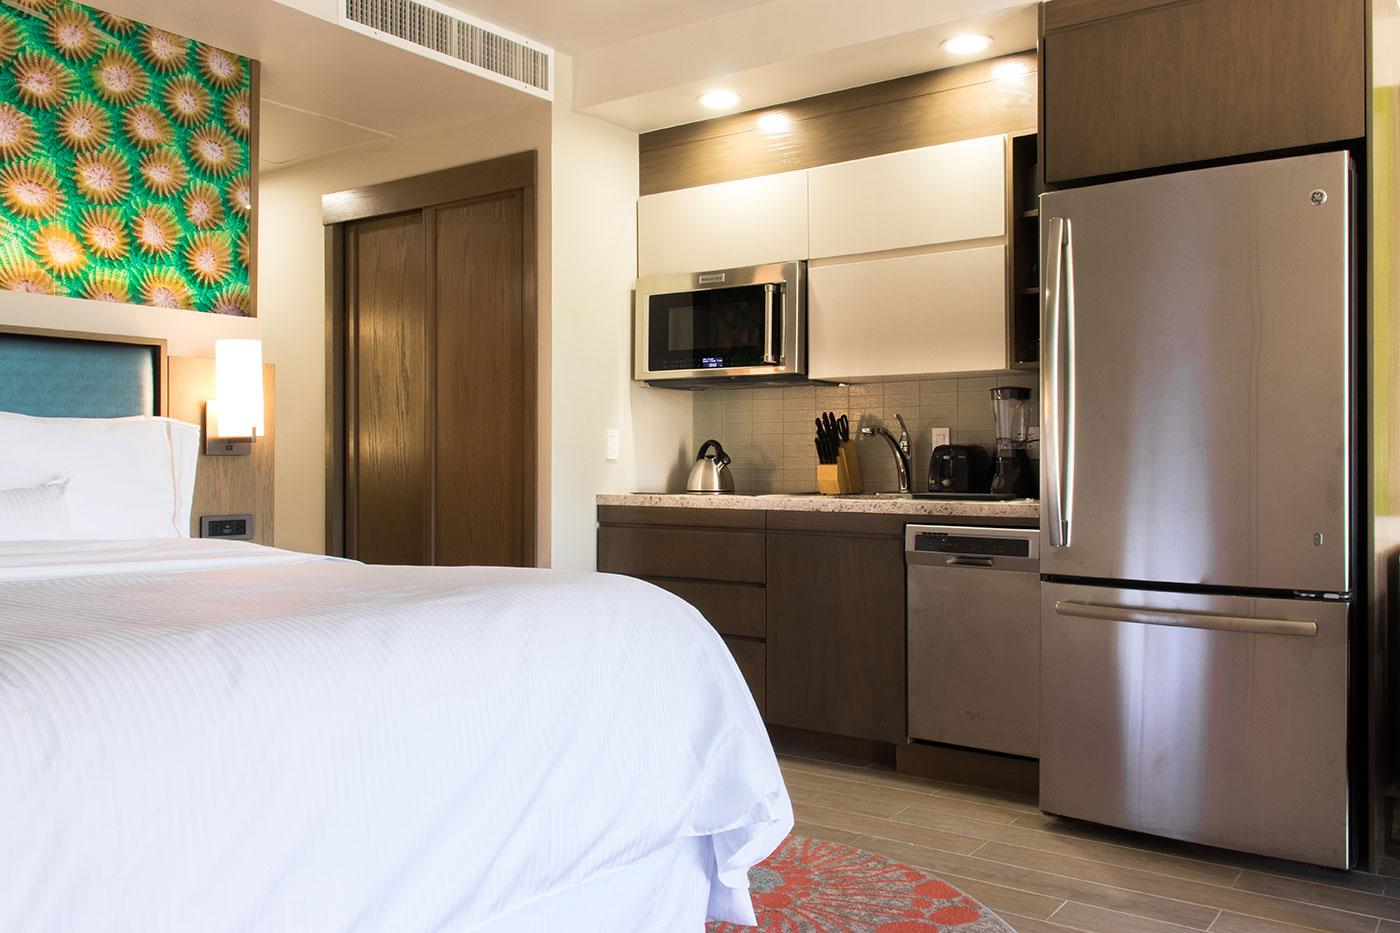 Proyectos SPAD Constructora, Remodelación de habitaciones Westin, Cama y cocina decoración, Diseño de Interiores, Arquitectura, Puerto Vallarta, Jalisco, México